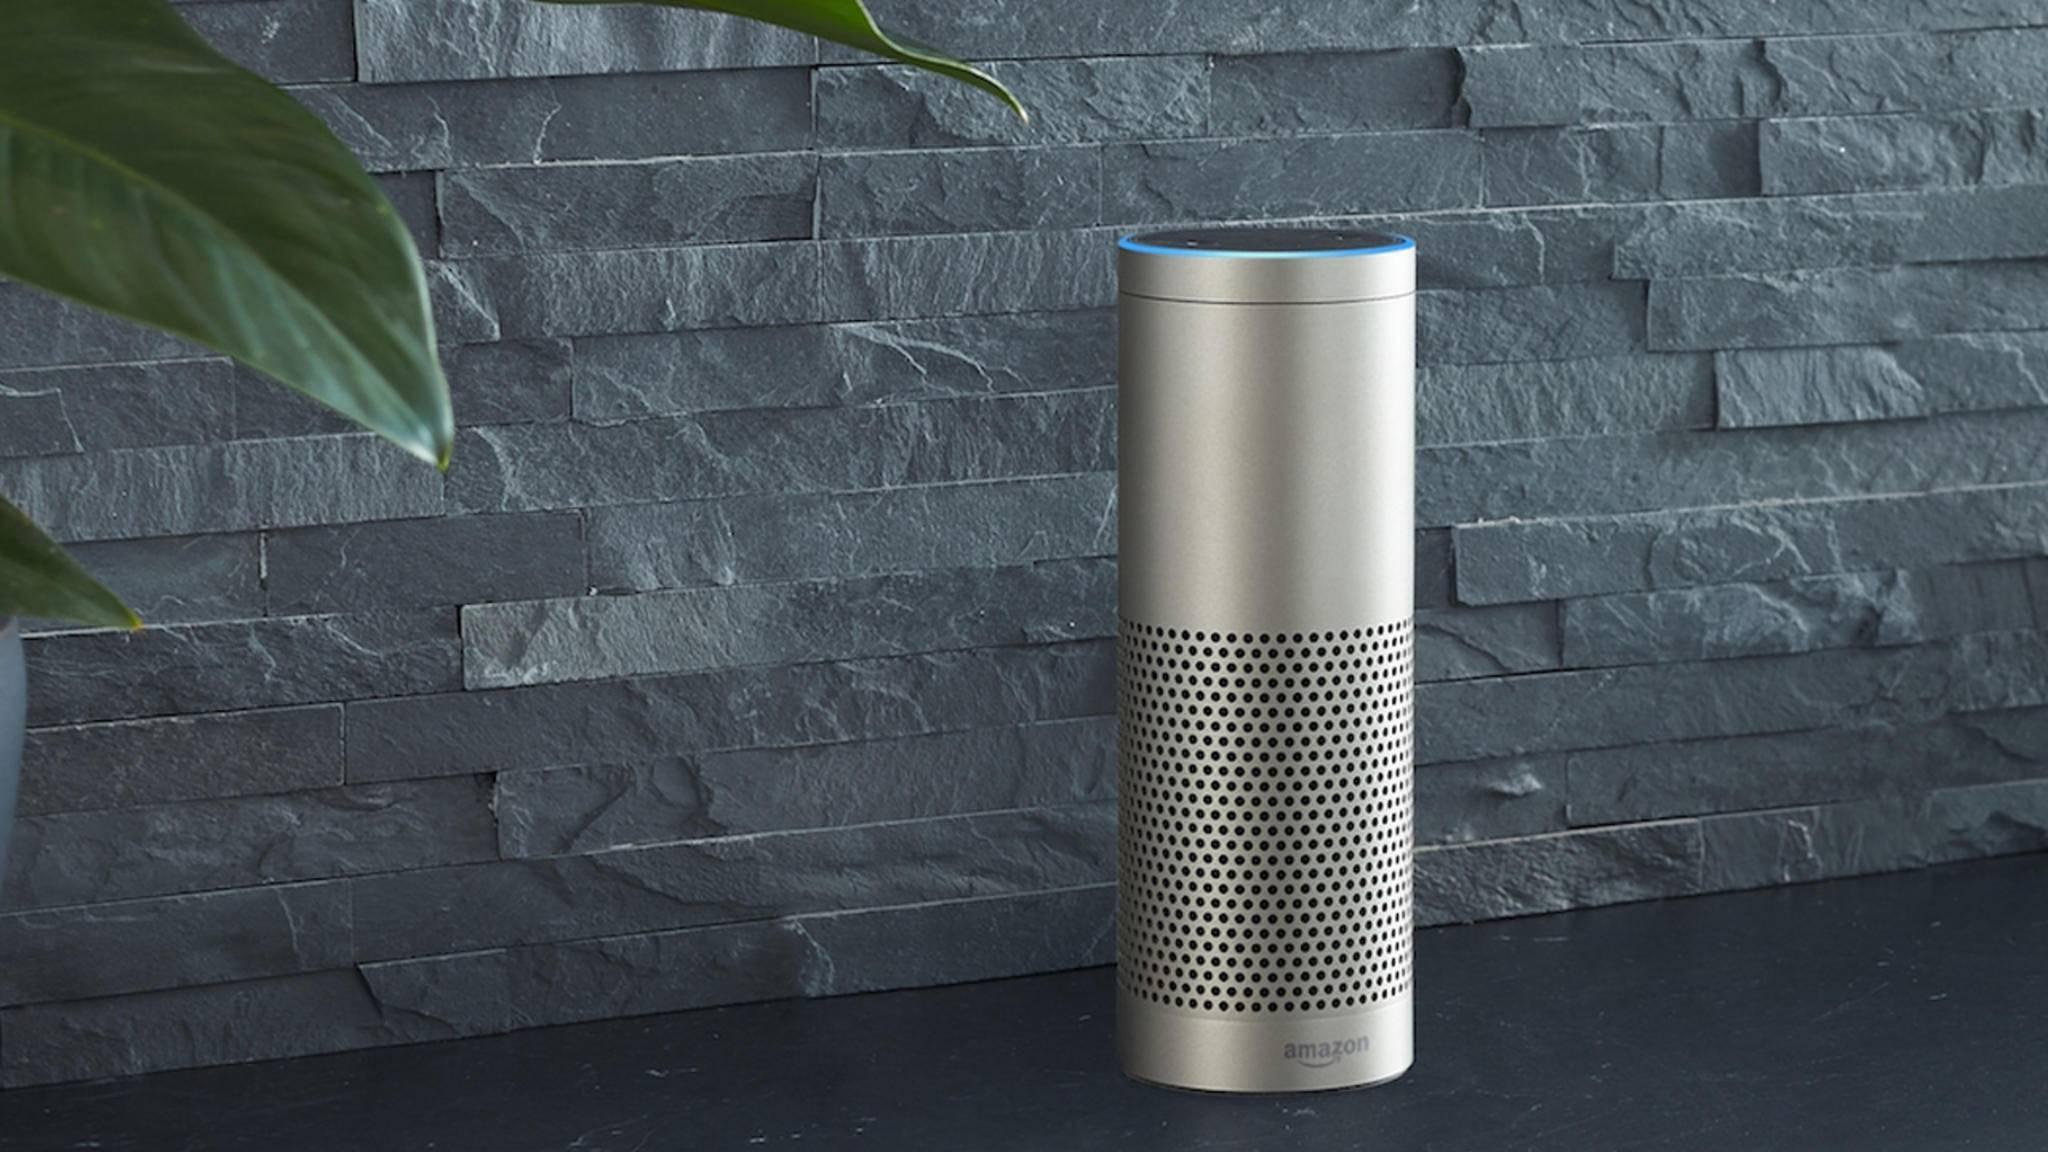 Amazon: Alexa verstört Nutzer mit unkontrolliertem Lachen